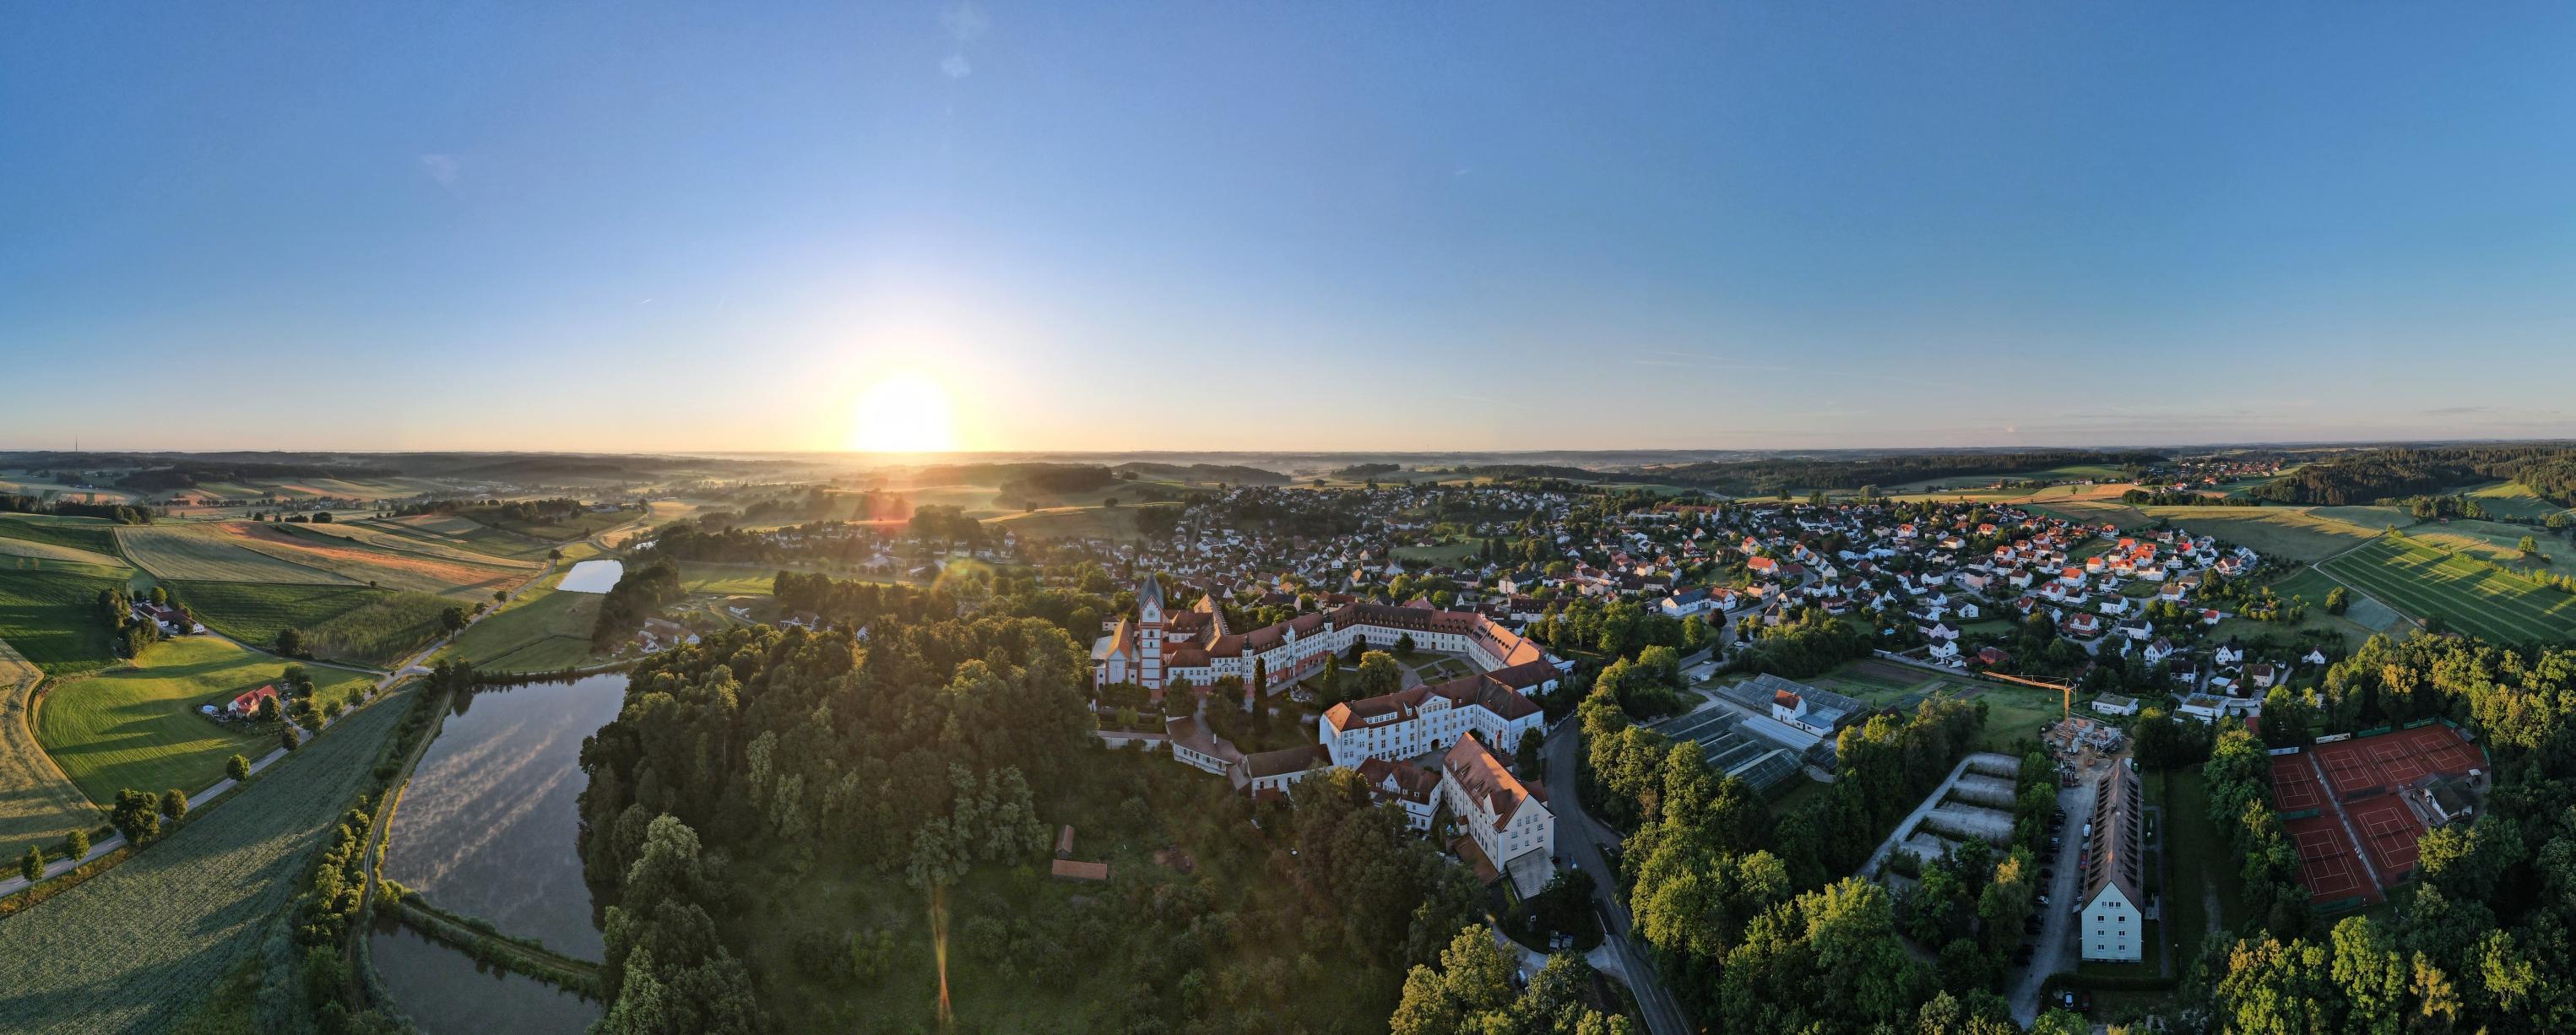 Die Gemeinde Scheyern liegt am südwestlichen Anfang der Hallertau zwischen Ilm und Paar. Foto: Vitus Rath